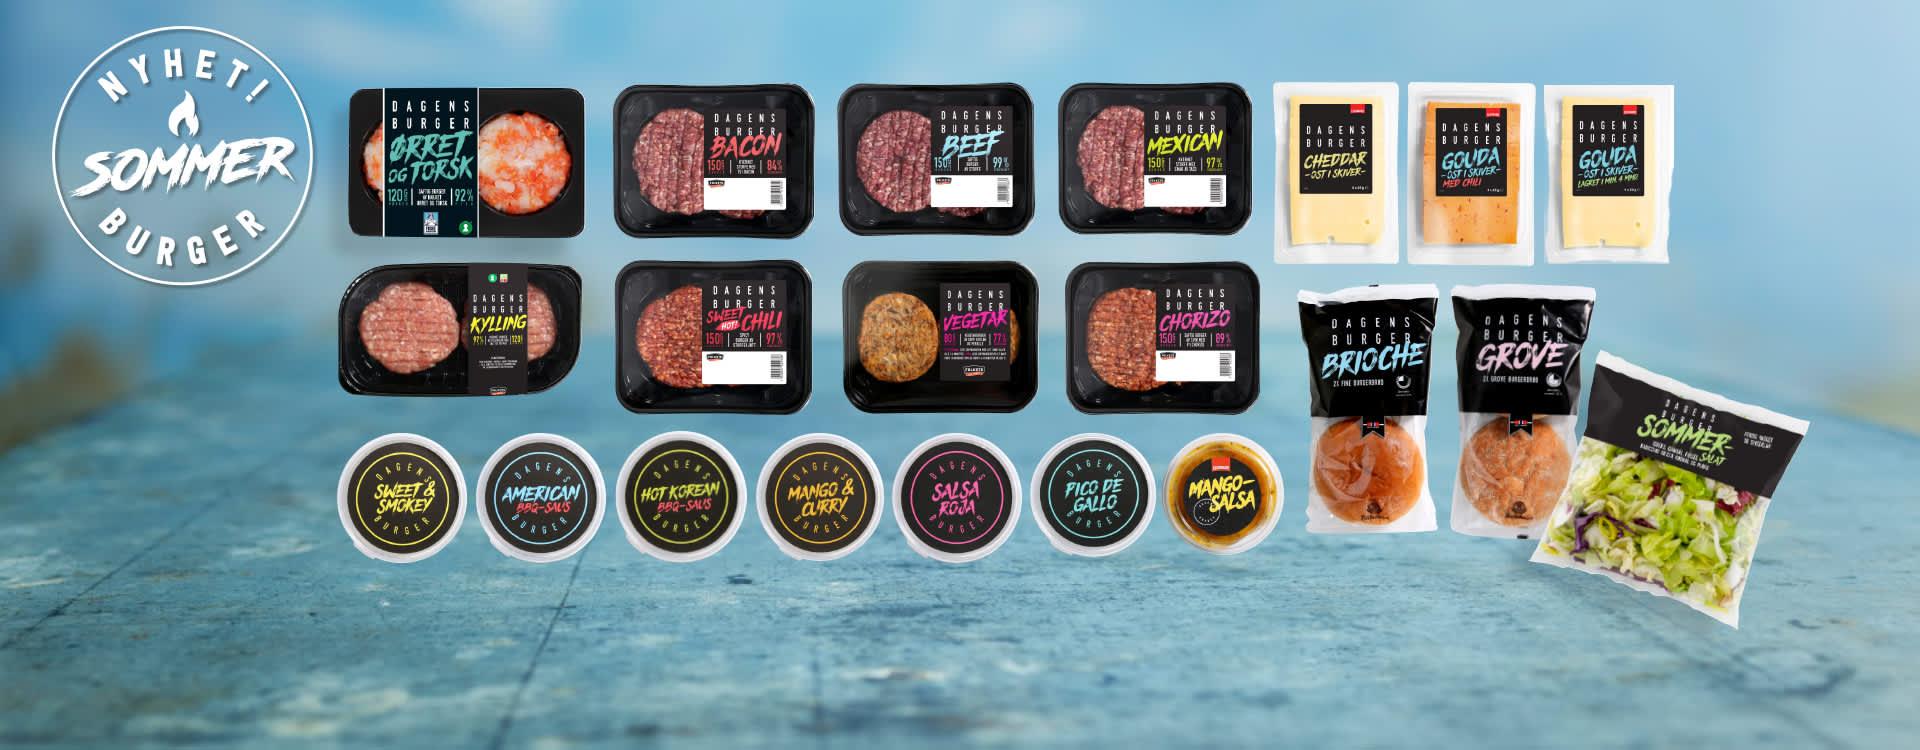 KIWIs burgerserie inneholder åtte nye burgere, sju forskjellige sauser, to typer burgerbrød, tre typer ost og en salatblanding